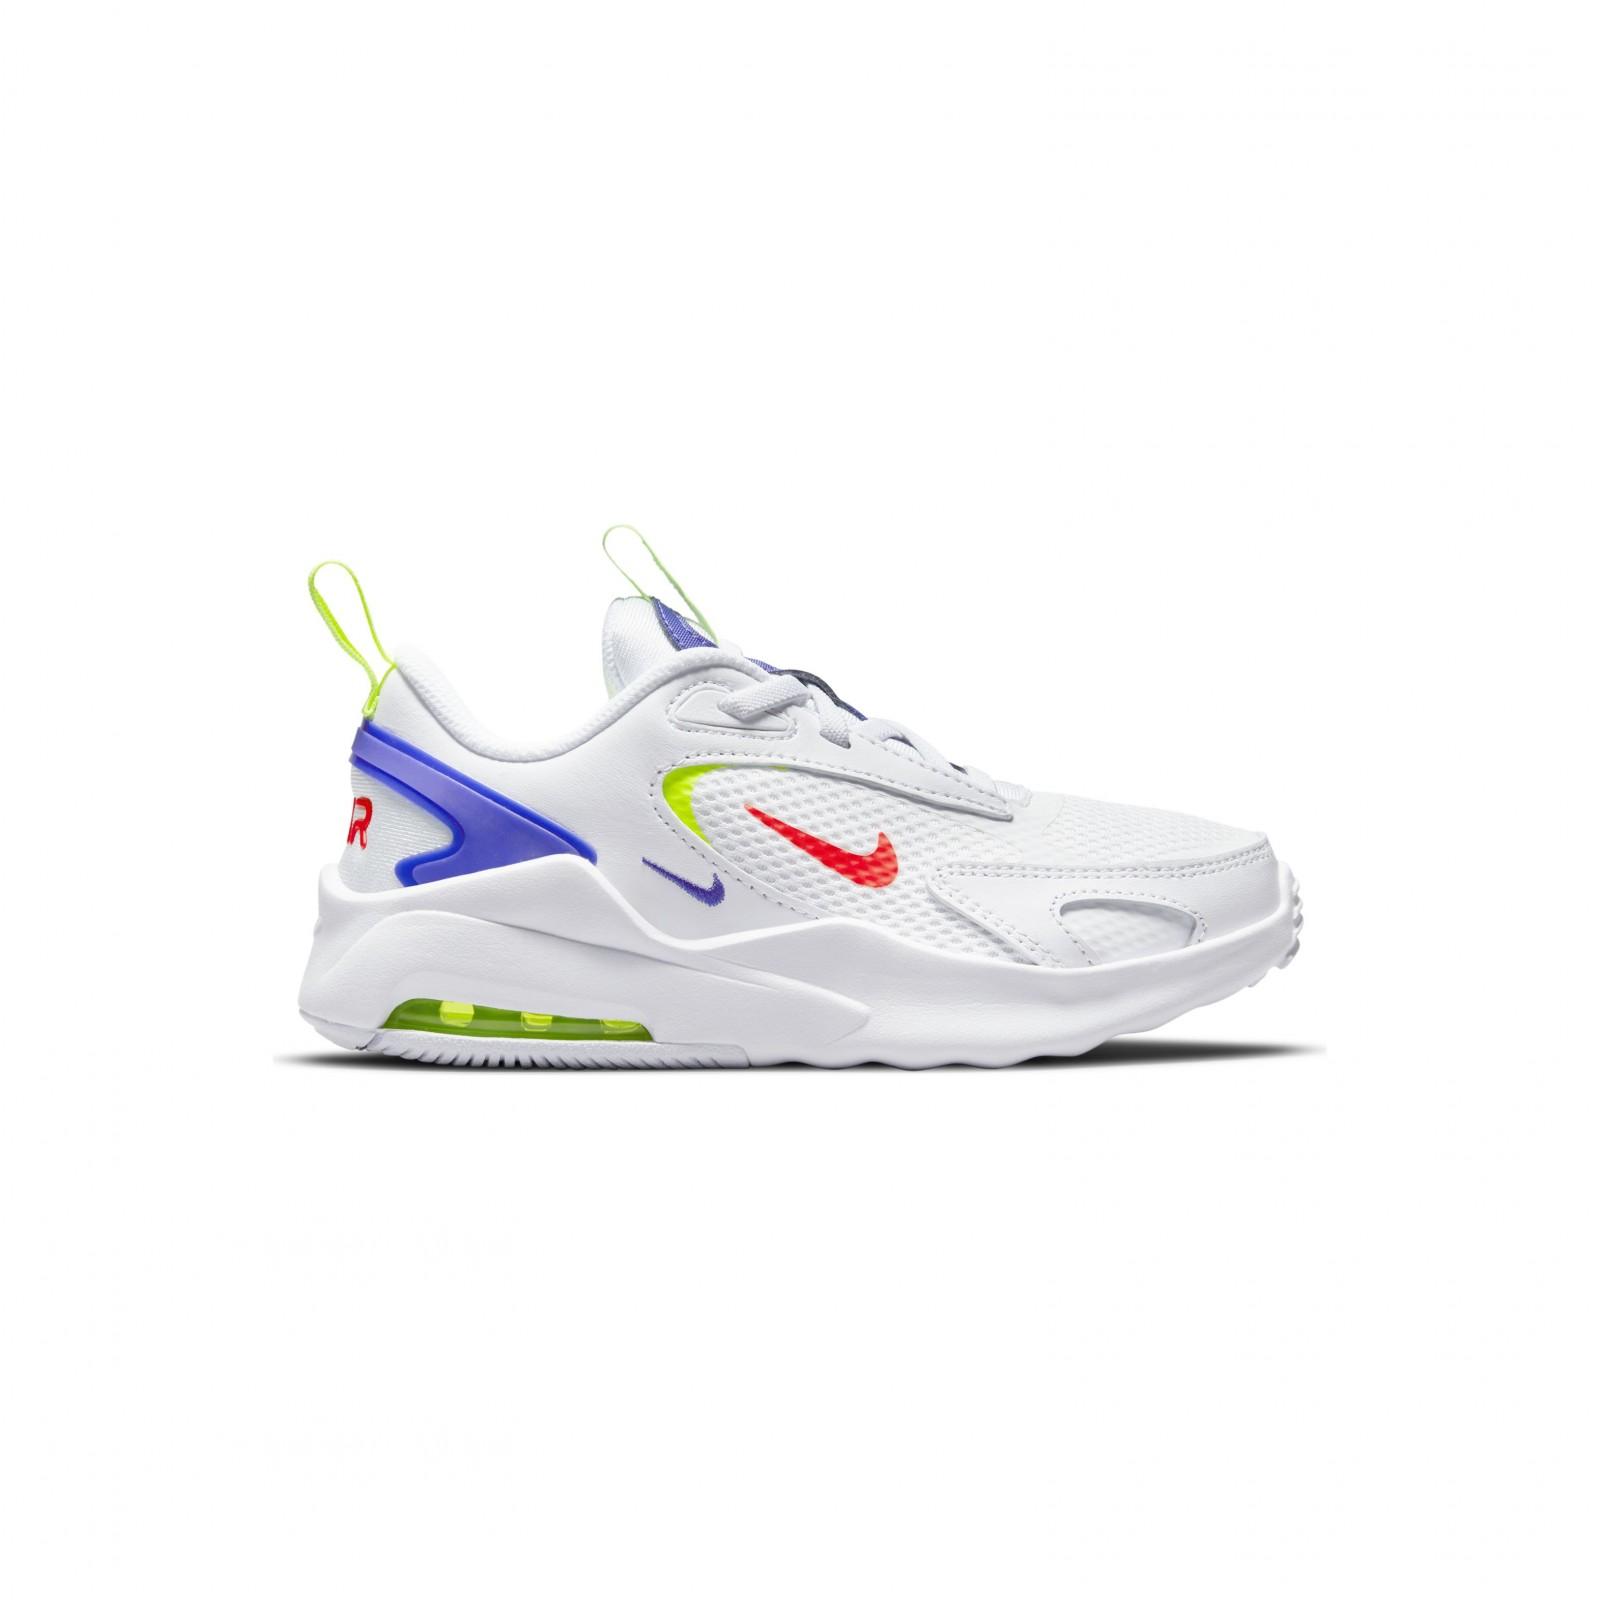 Nike Air Max Bolt WHITE/BRIGHT CRIMSON-VOLT-INDIGO BURST